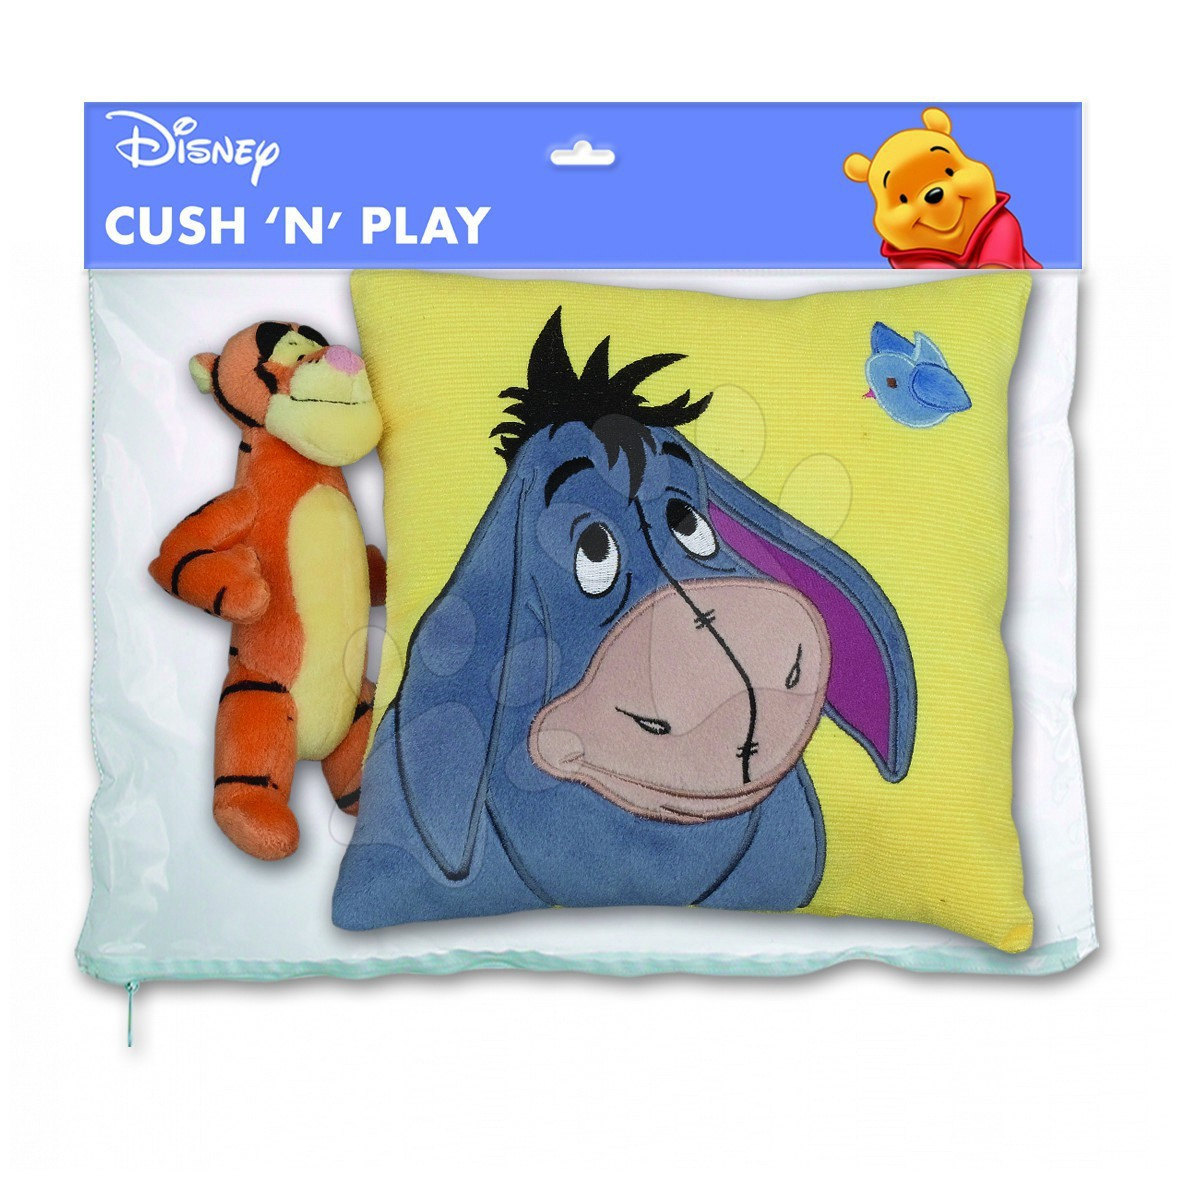 Sada polštářek pro děti a plyšový tygr Disney Medvídek Pú Ilanit Oslík a tygr